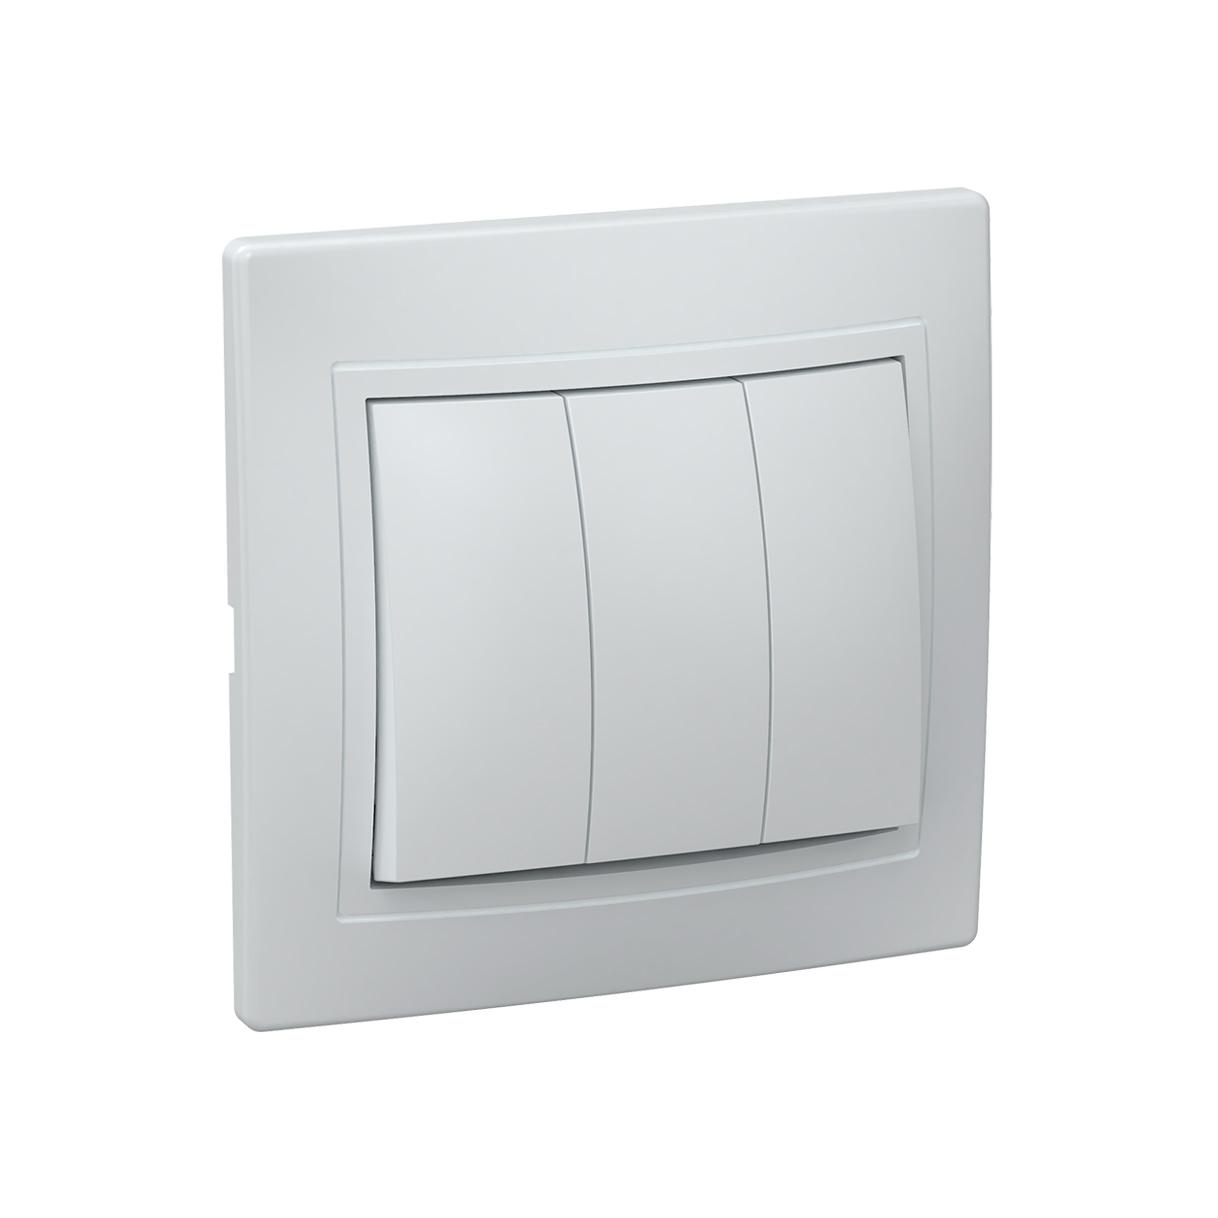 Выключатель 3-клавишный ВС10-3-0-КБ 10А КВАРТА белый IEK